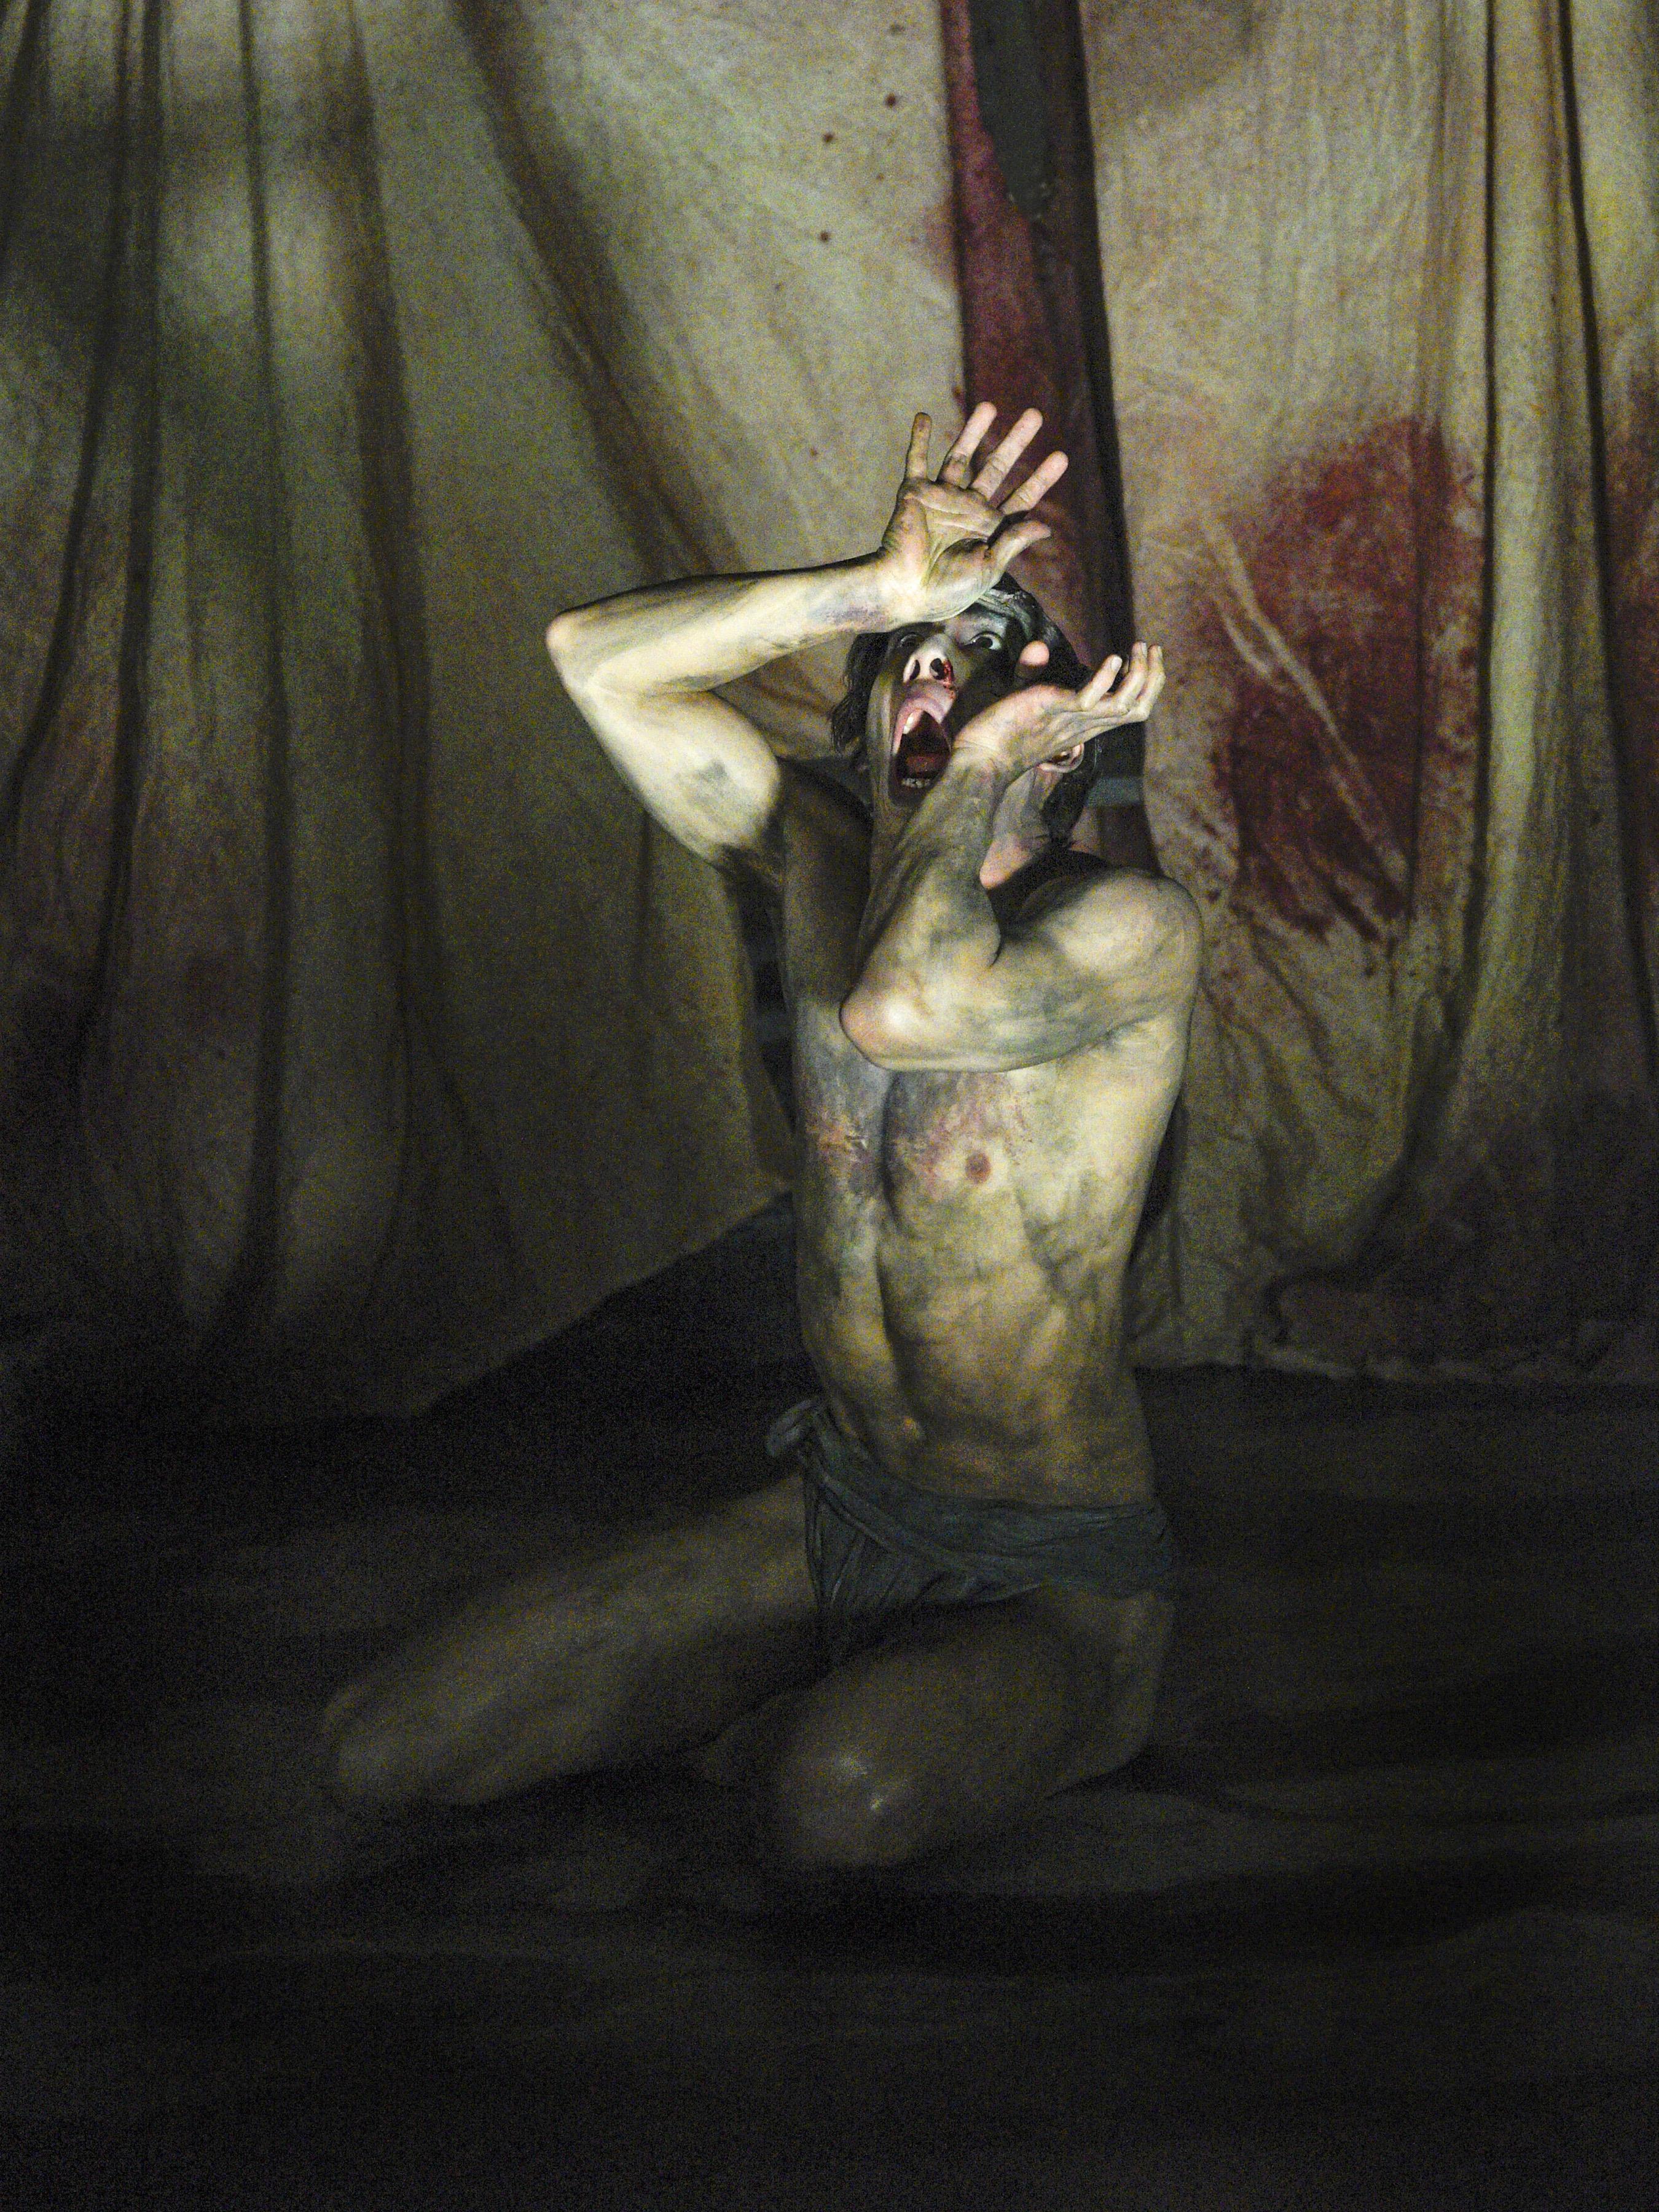 Kim Fischer as The Creature in Frankenstein - Photo by Karen Almond (1)